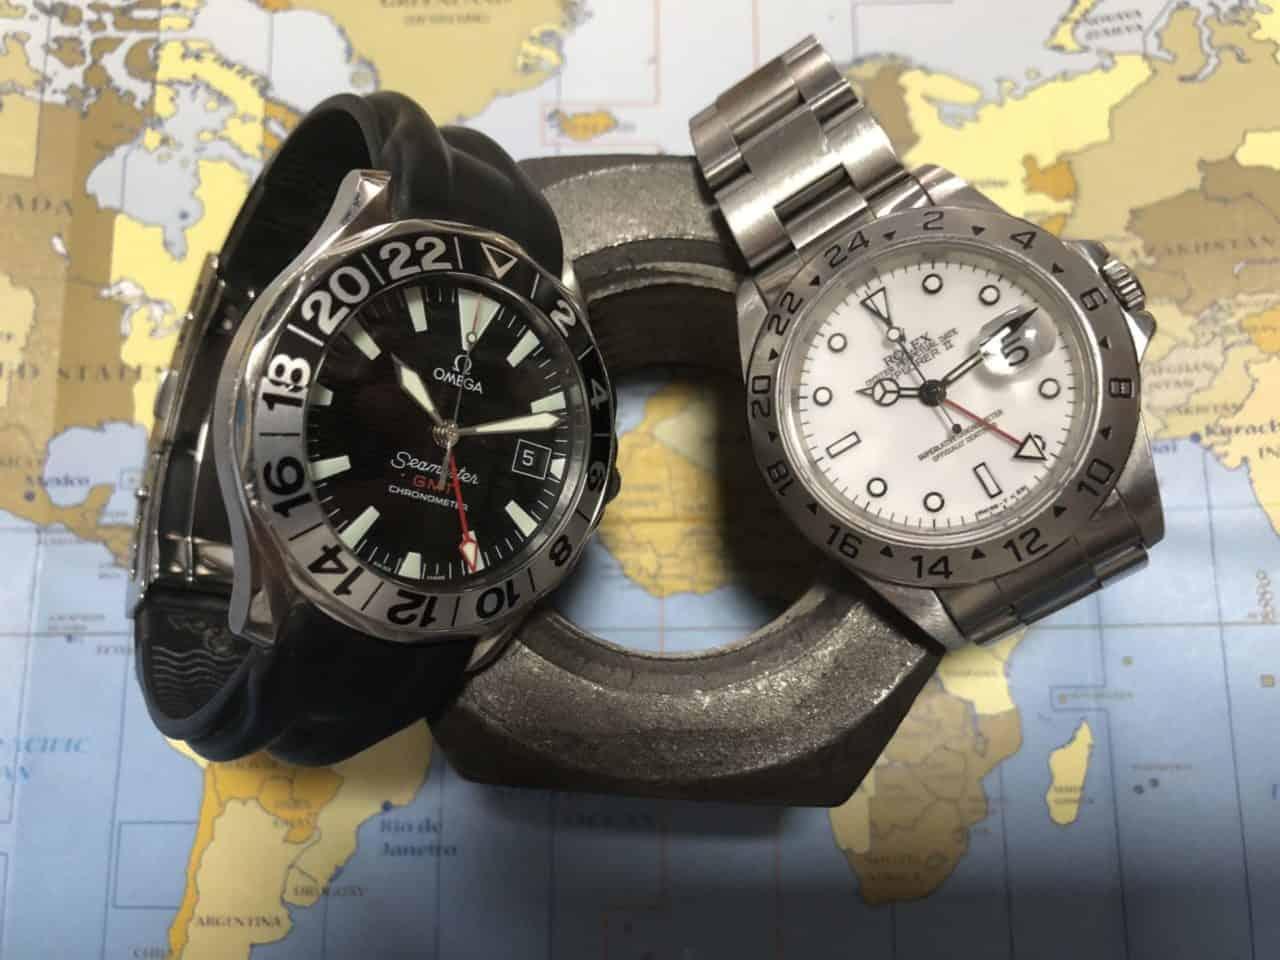 Omega oder Rolex, das ist hier die Frage